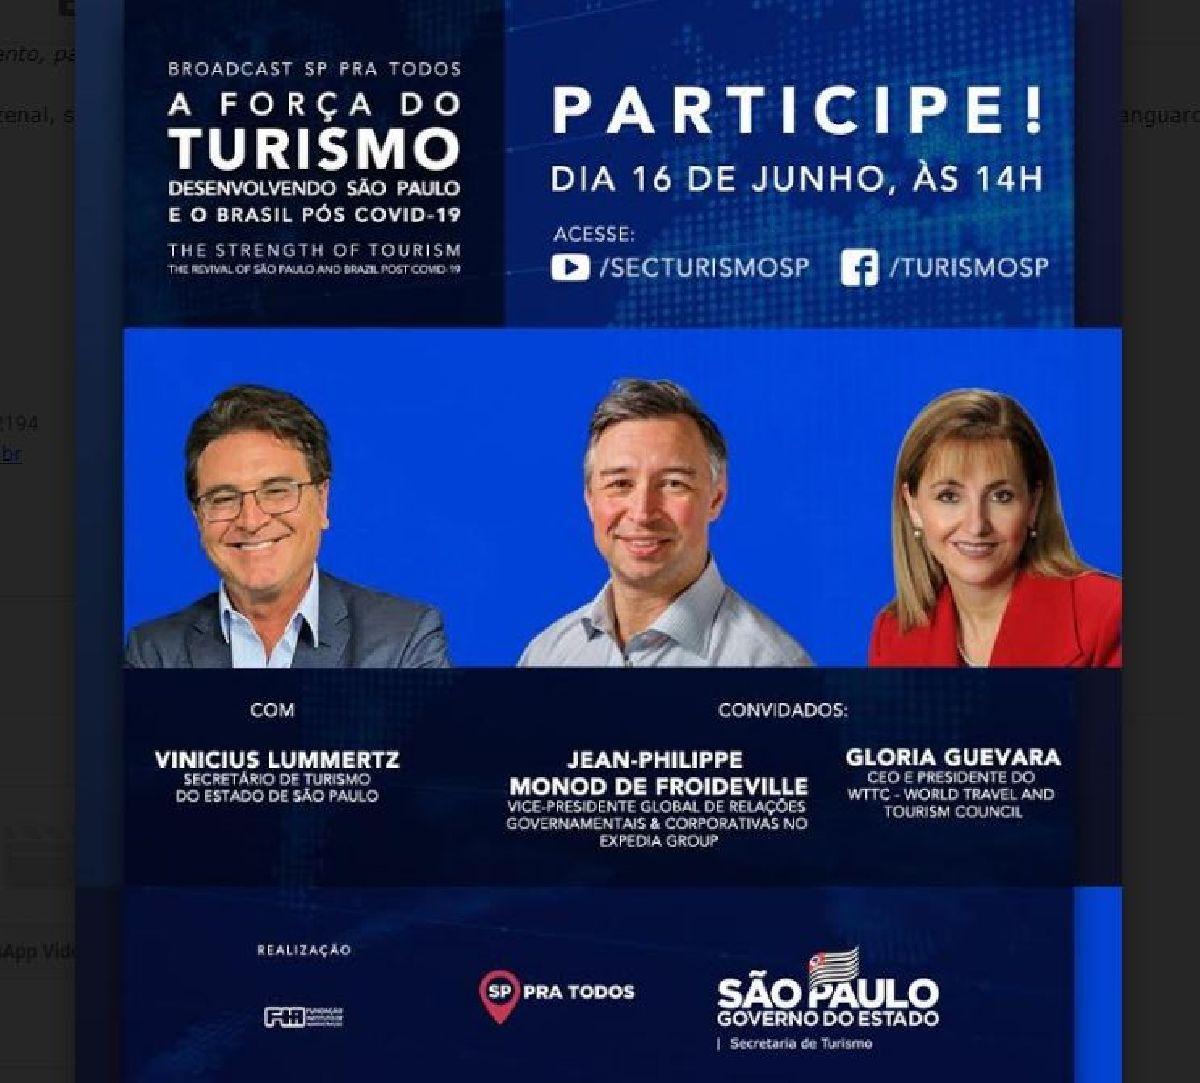 SECRETARIA ESTADUAL DE TURISMO REALIZA SEGUNDA RODADA DO BROADCAST SÃO PAULO PRA TODOS